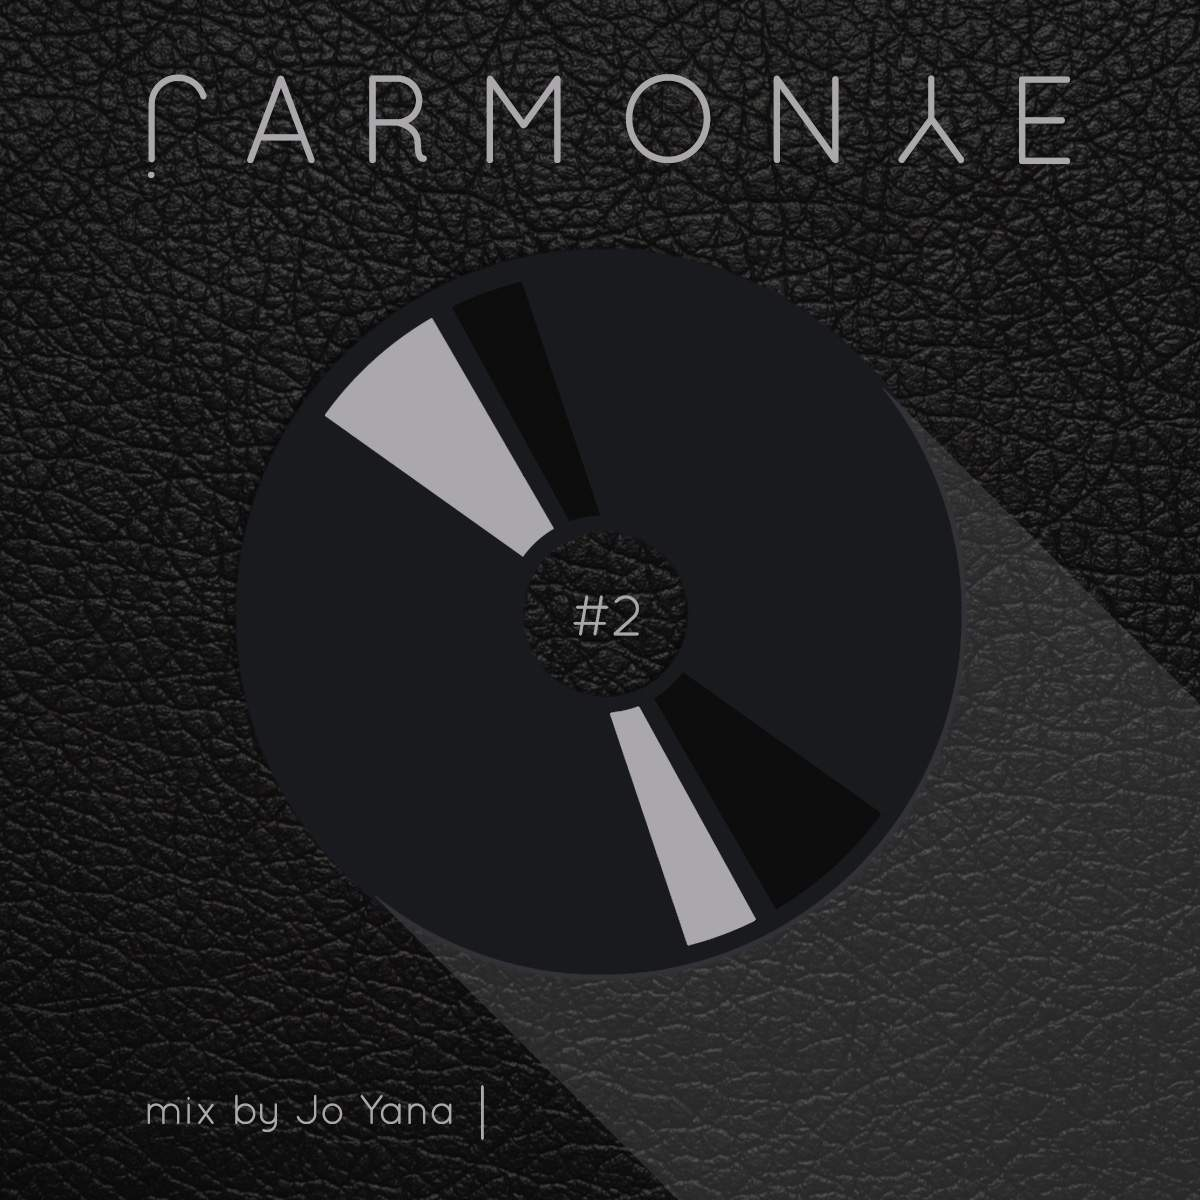 JARMONYE #2